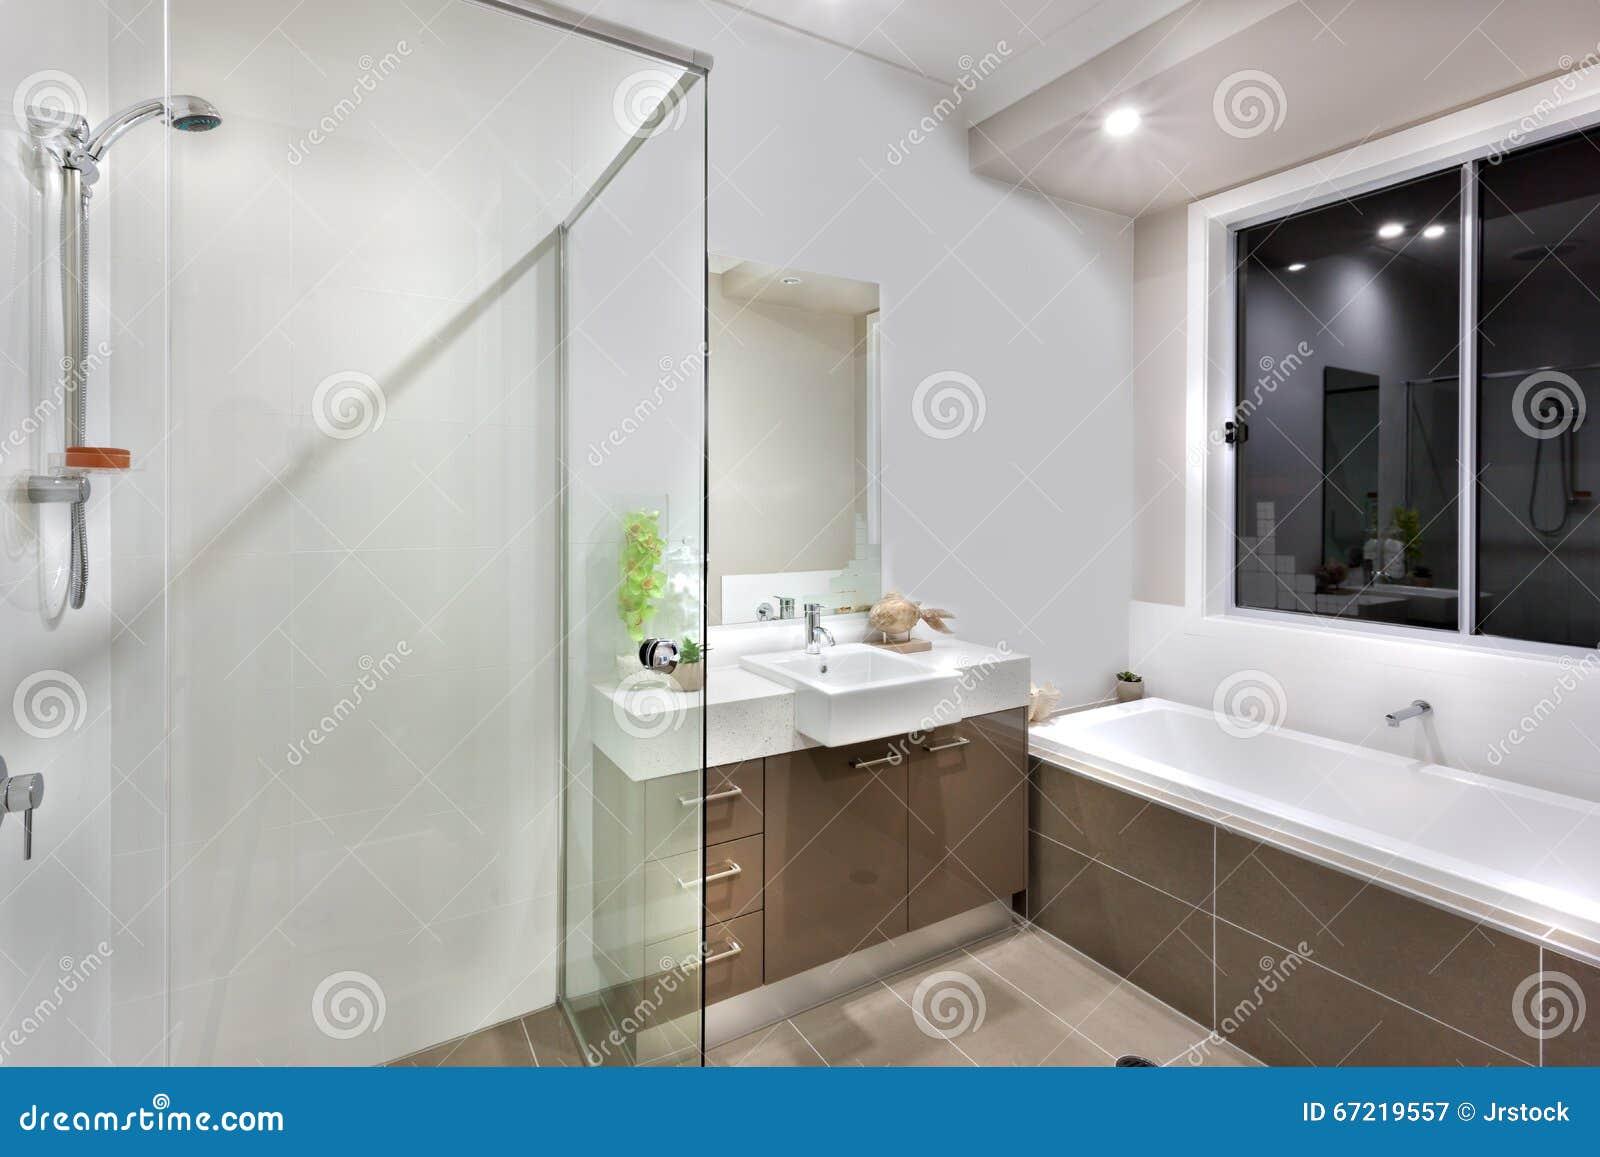 Decoratie Badkamer Muur : Nieuwe badkamers met wasgebied met inbegrip van badton stock